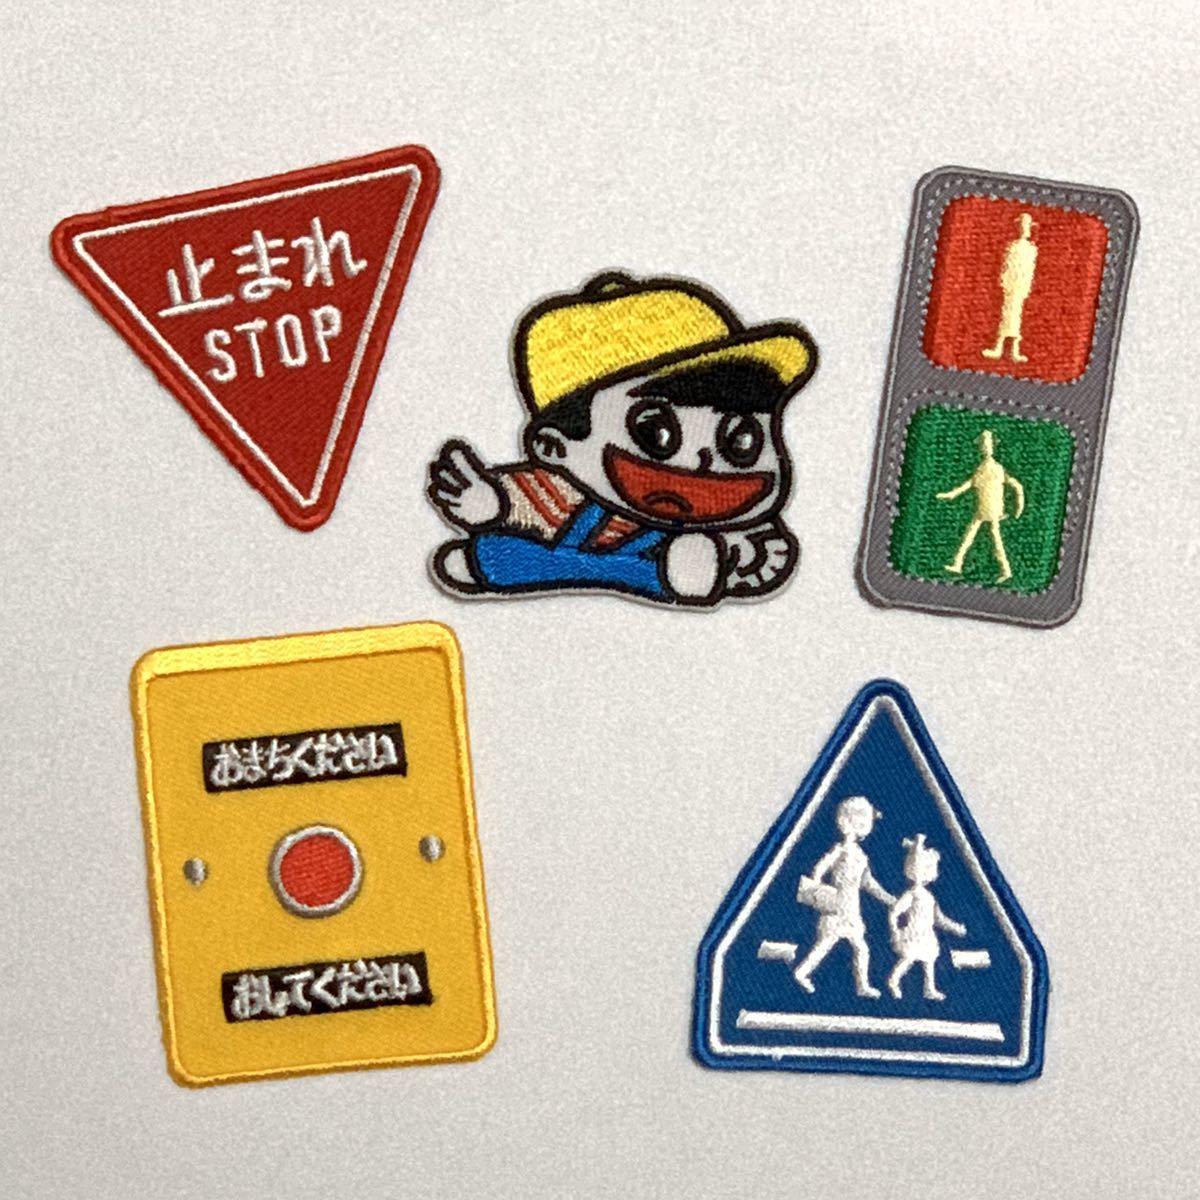 5個セット●道路標識 止まれ/飛び出し坊や/歩行者用信号機/横断歩道/歩行者用押しボタン リメイクやハンドメイド材料 入園・入学準備にも!_画像1